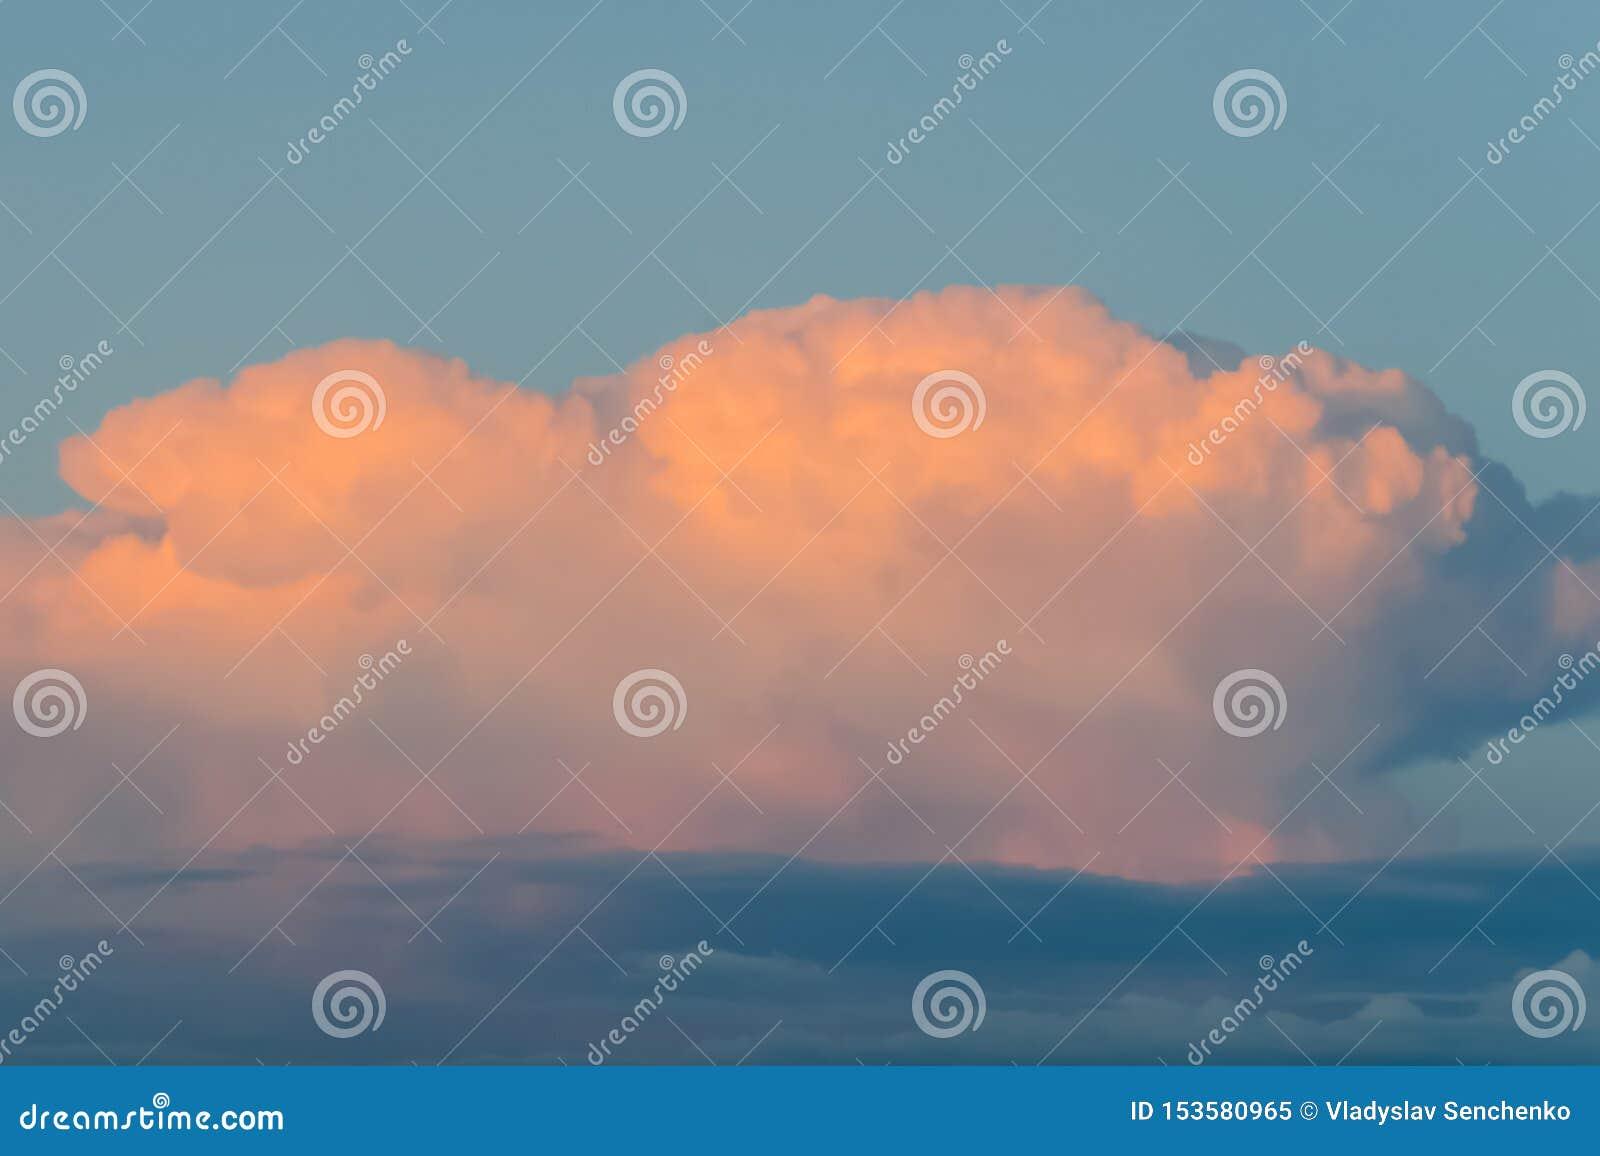 Πορτοκαλί σύννεφο στο μπλε ουρανό στο ηλιοβασίλεμα